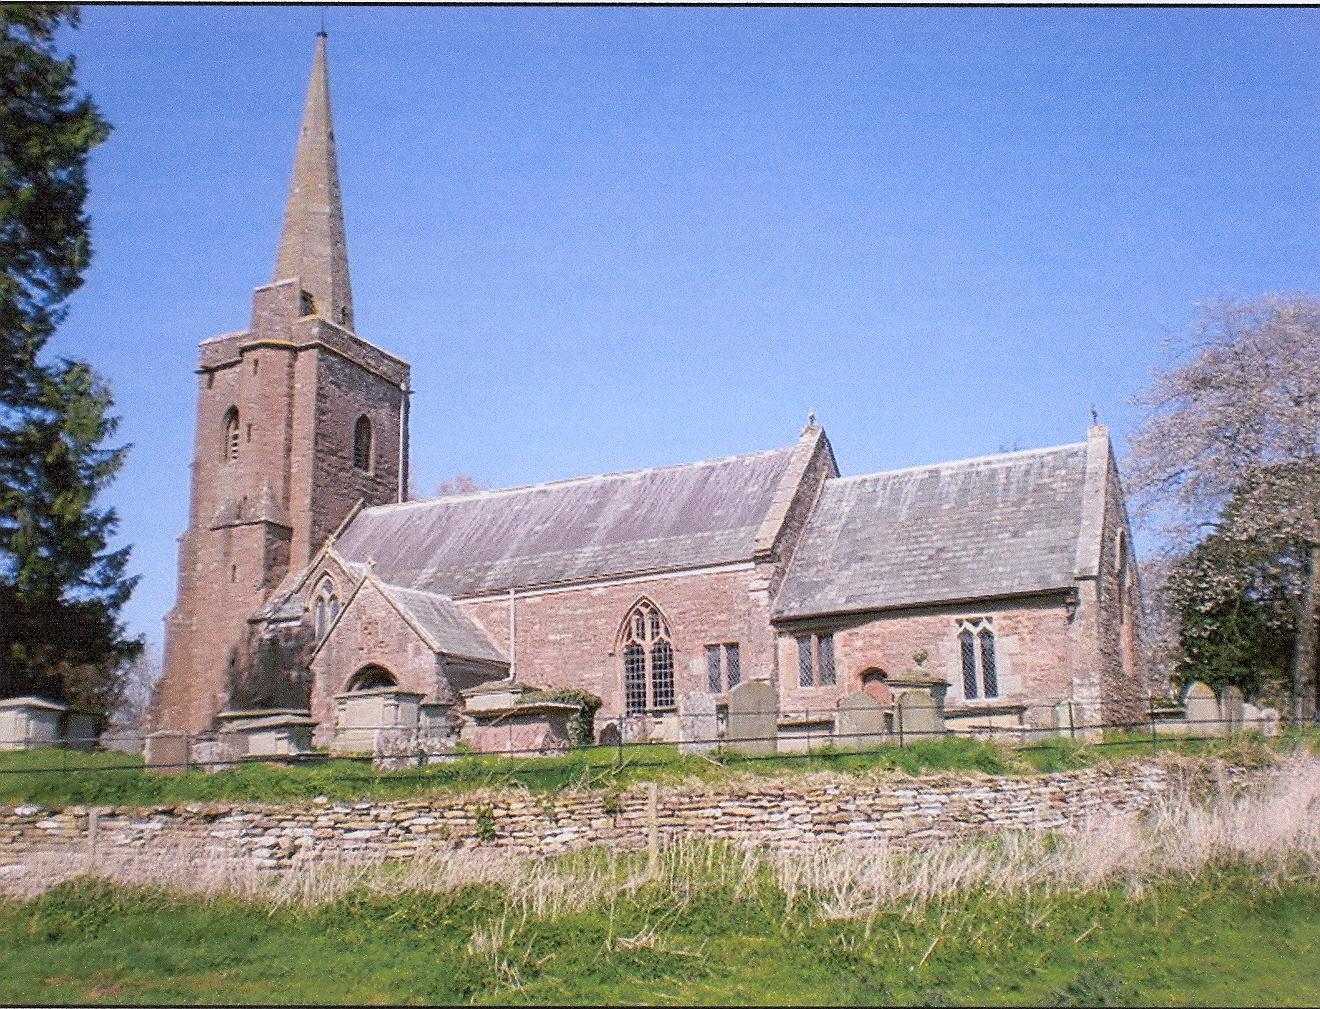 St Deinst, Herefordshire, Llangarron (2009)